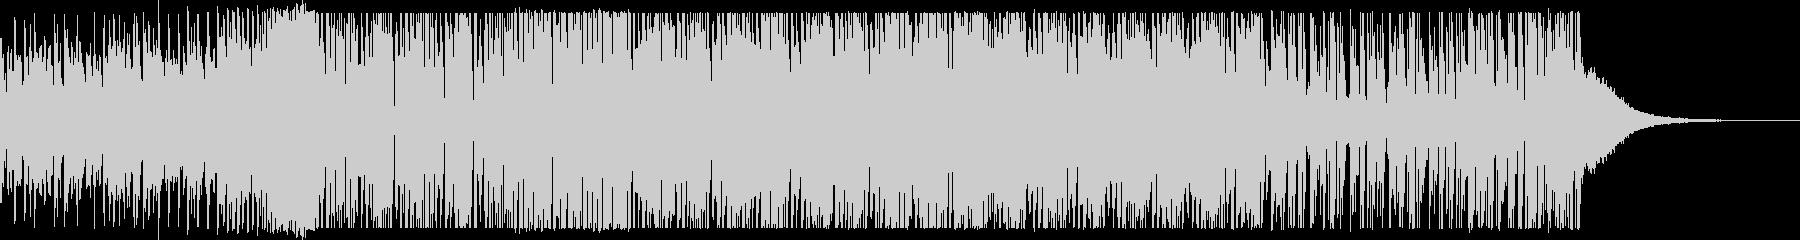 EDMテイストのインパクトのあるメロディの未再生の波形